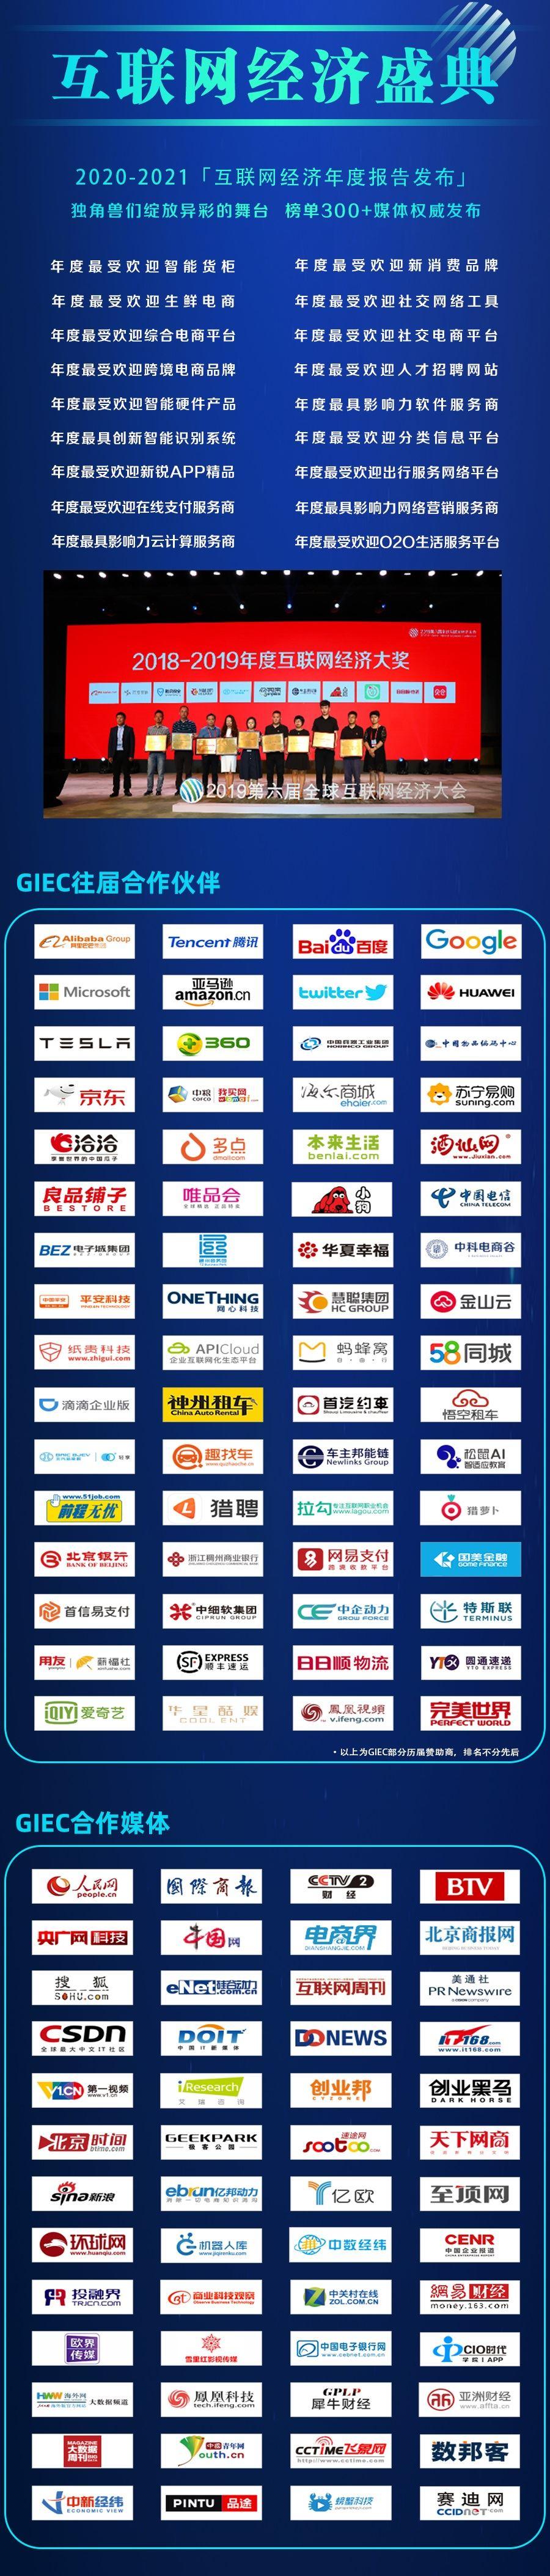 2021第七届全球互联网经济大会4.jpg